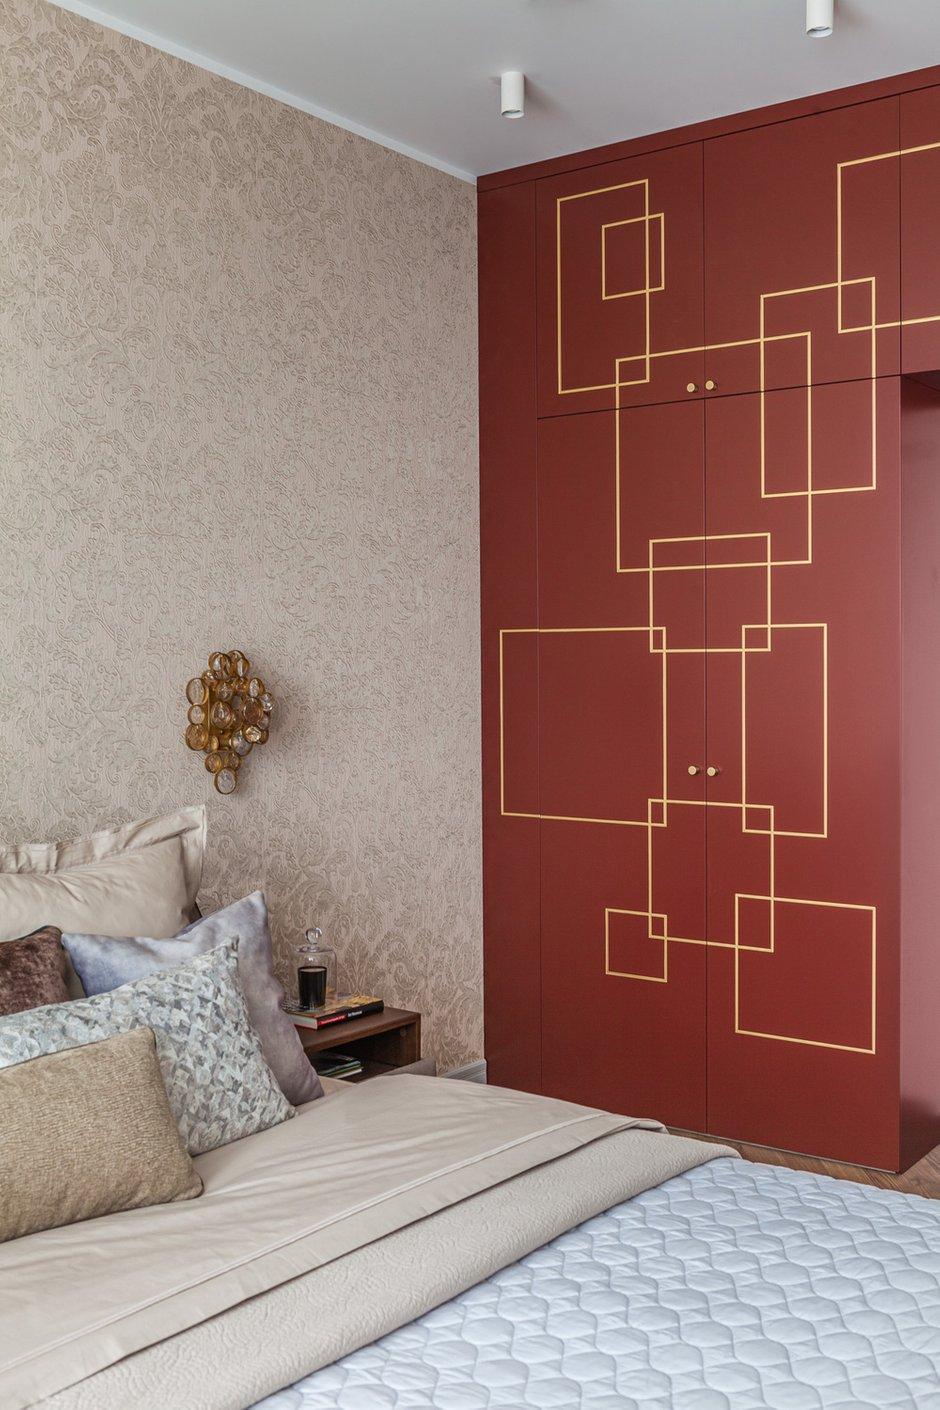 Для отделки фасадов выбрали красивый кирпичный оттенок и украсили их геометрическим узором золотого цвета.